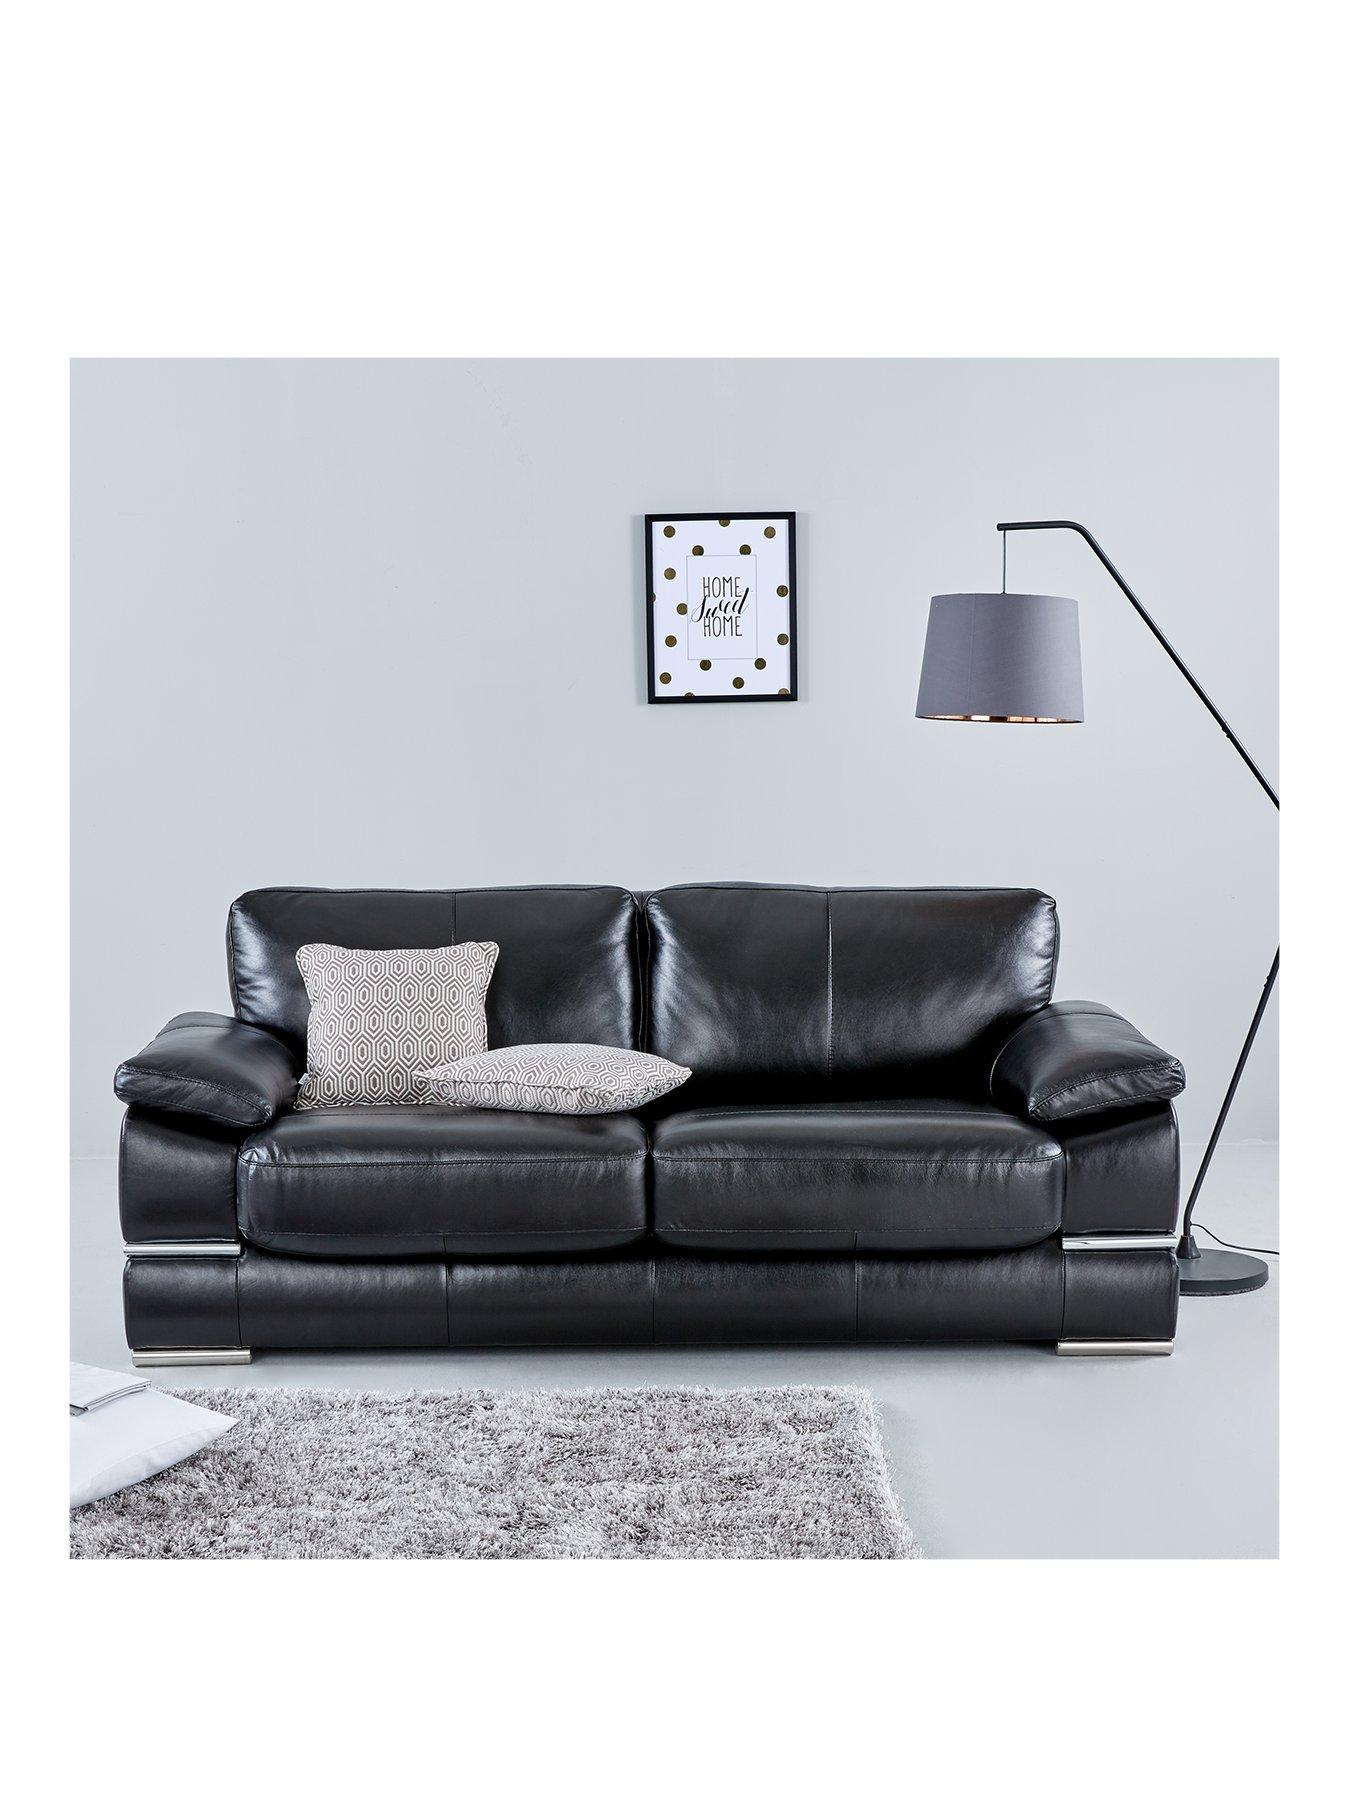 primo italian leather sofa bed